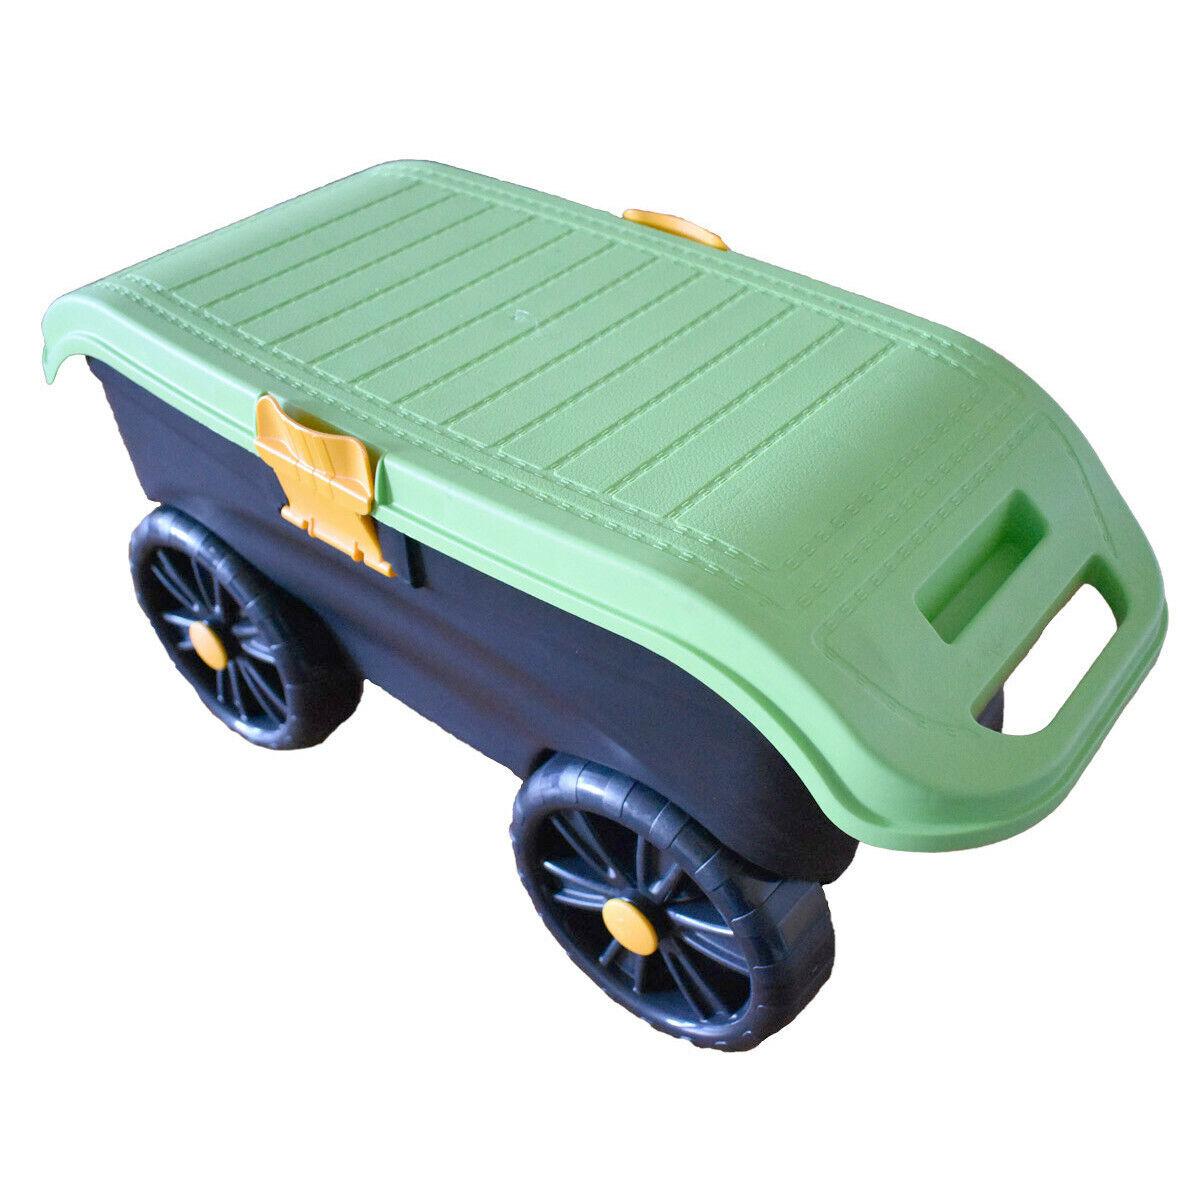 Garden stool on wheels seat n roll